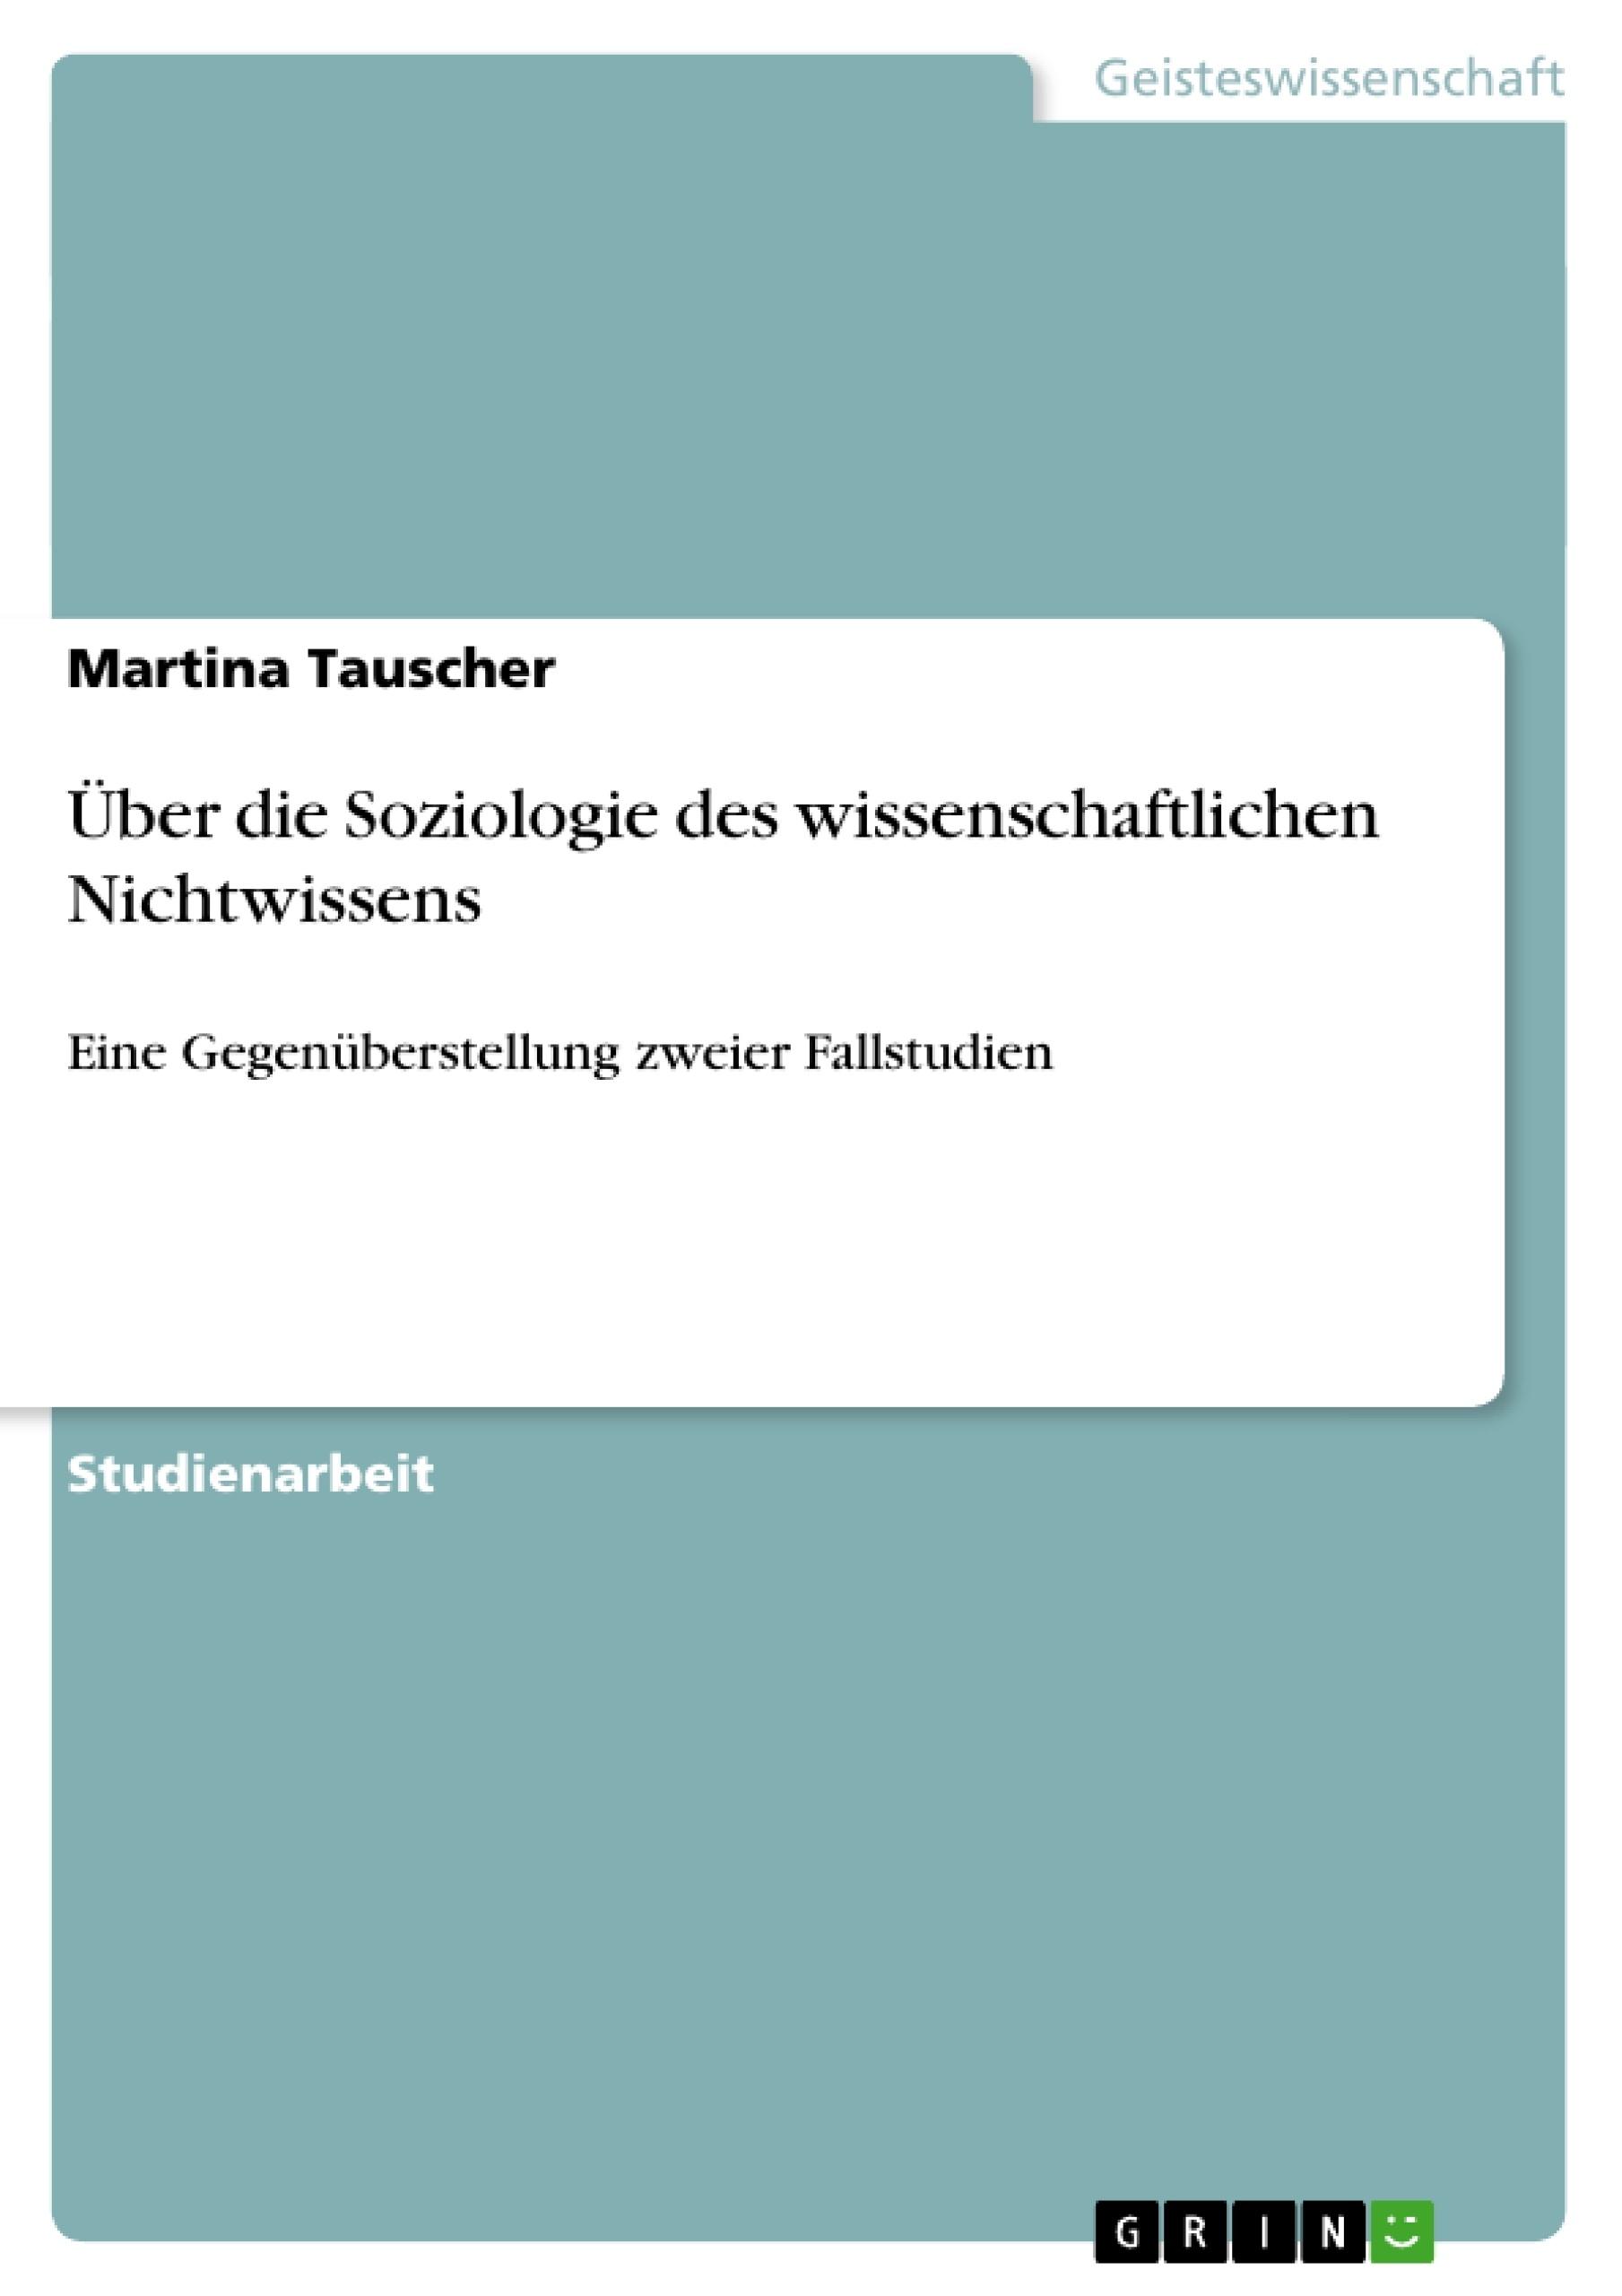 Titel: Über die Soziologie des wissenschaftlichen Nichtwissens